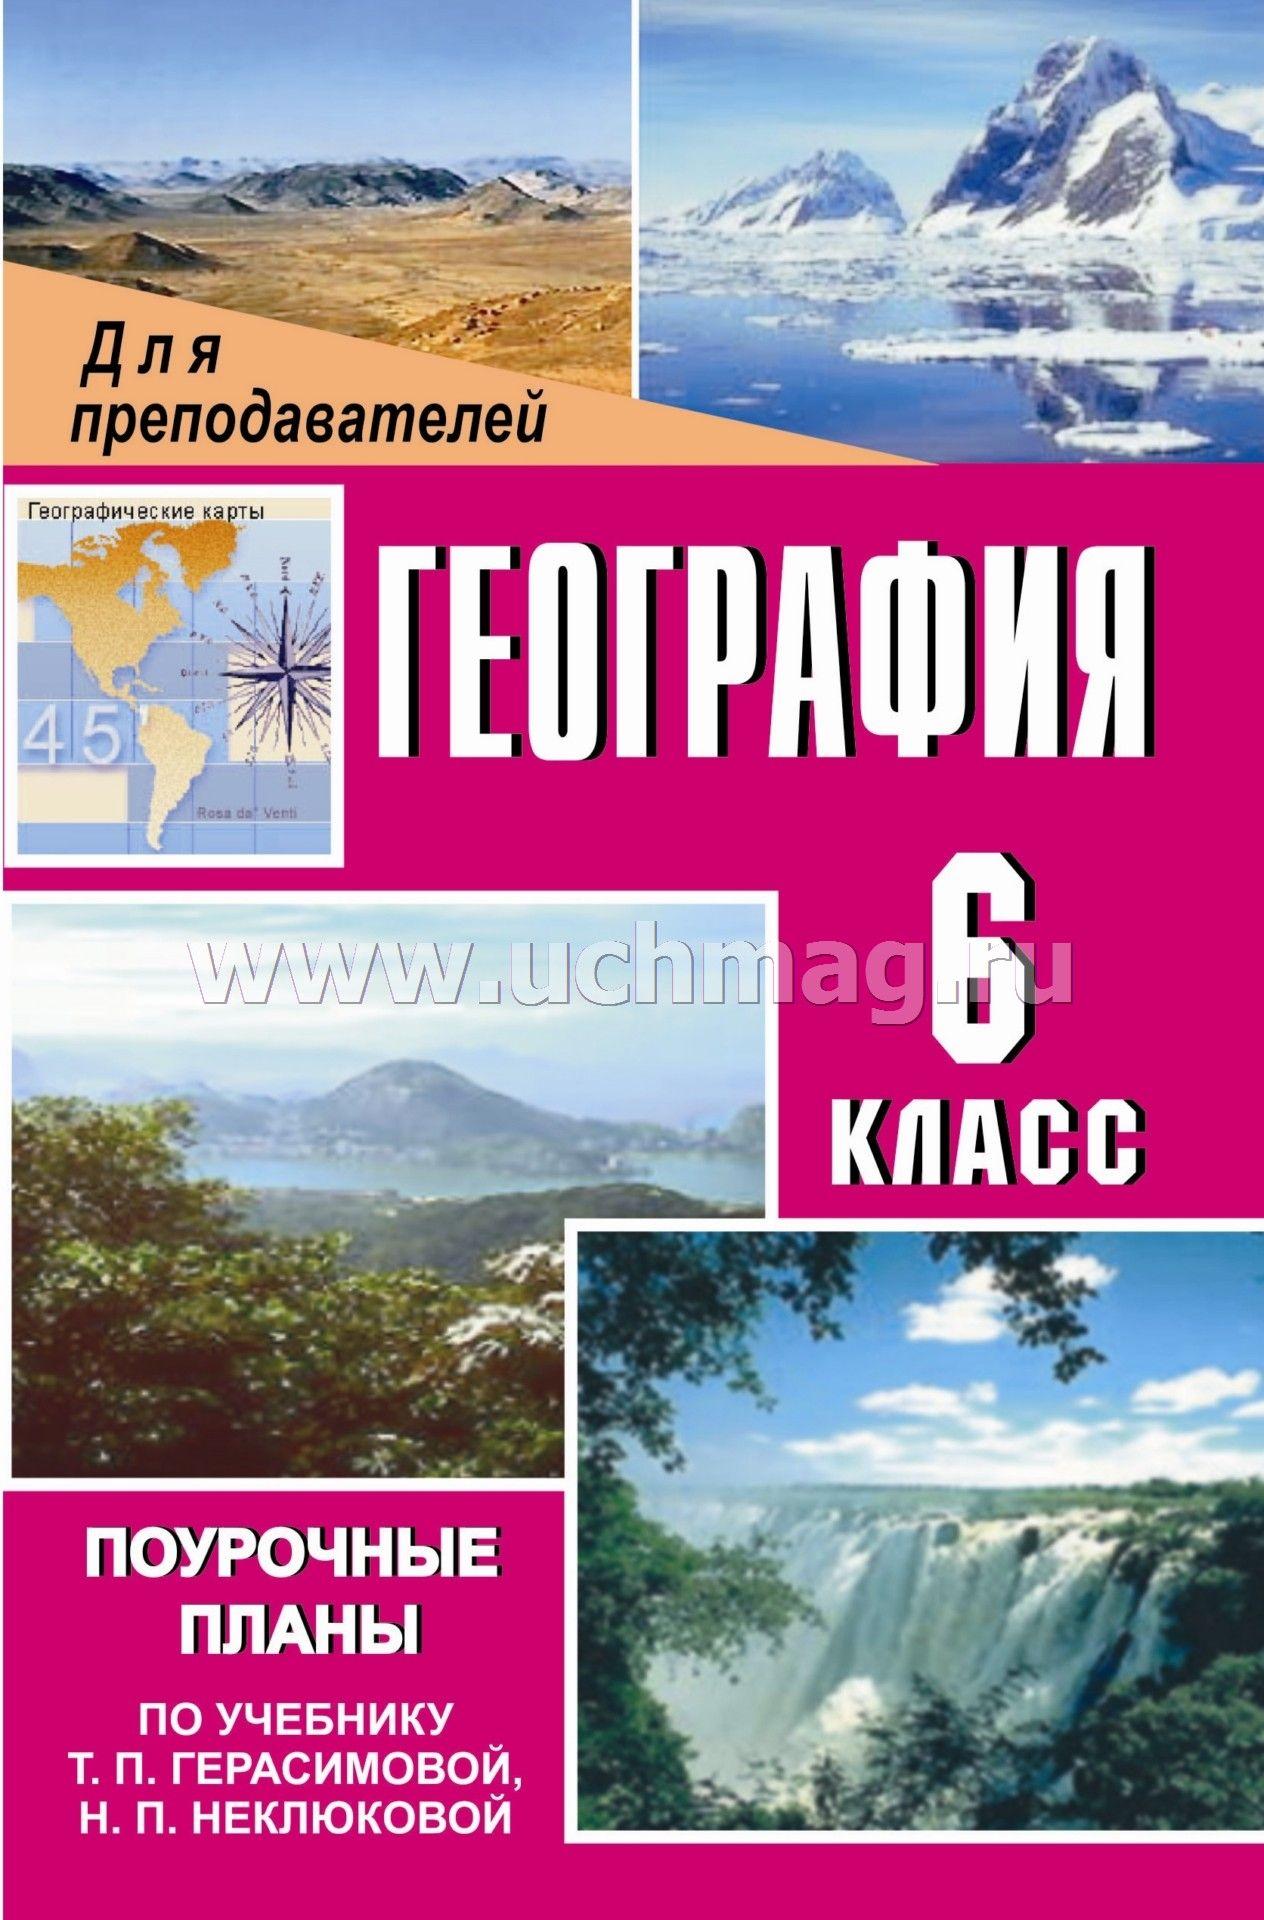 Поурочныу разработки 6 класс география по учебнику т.п герасимова